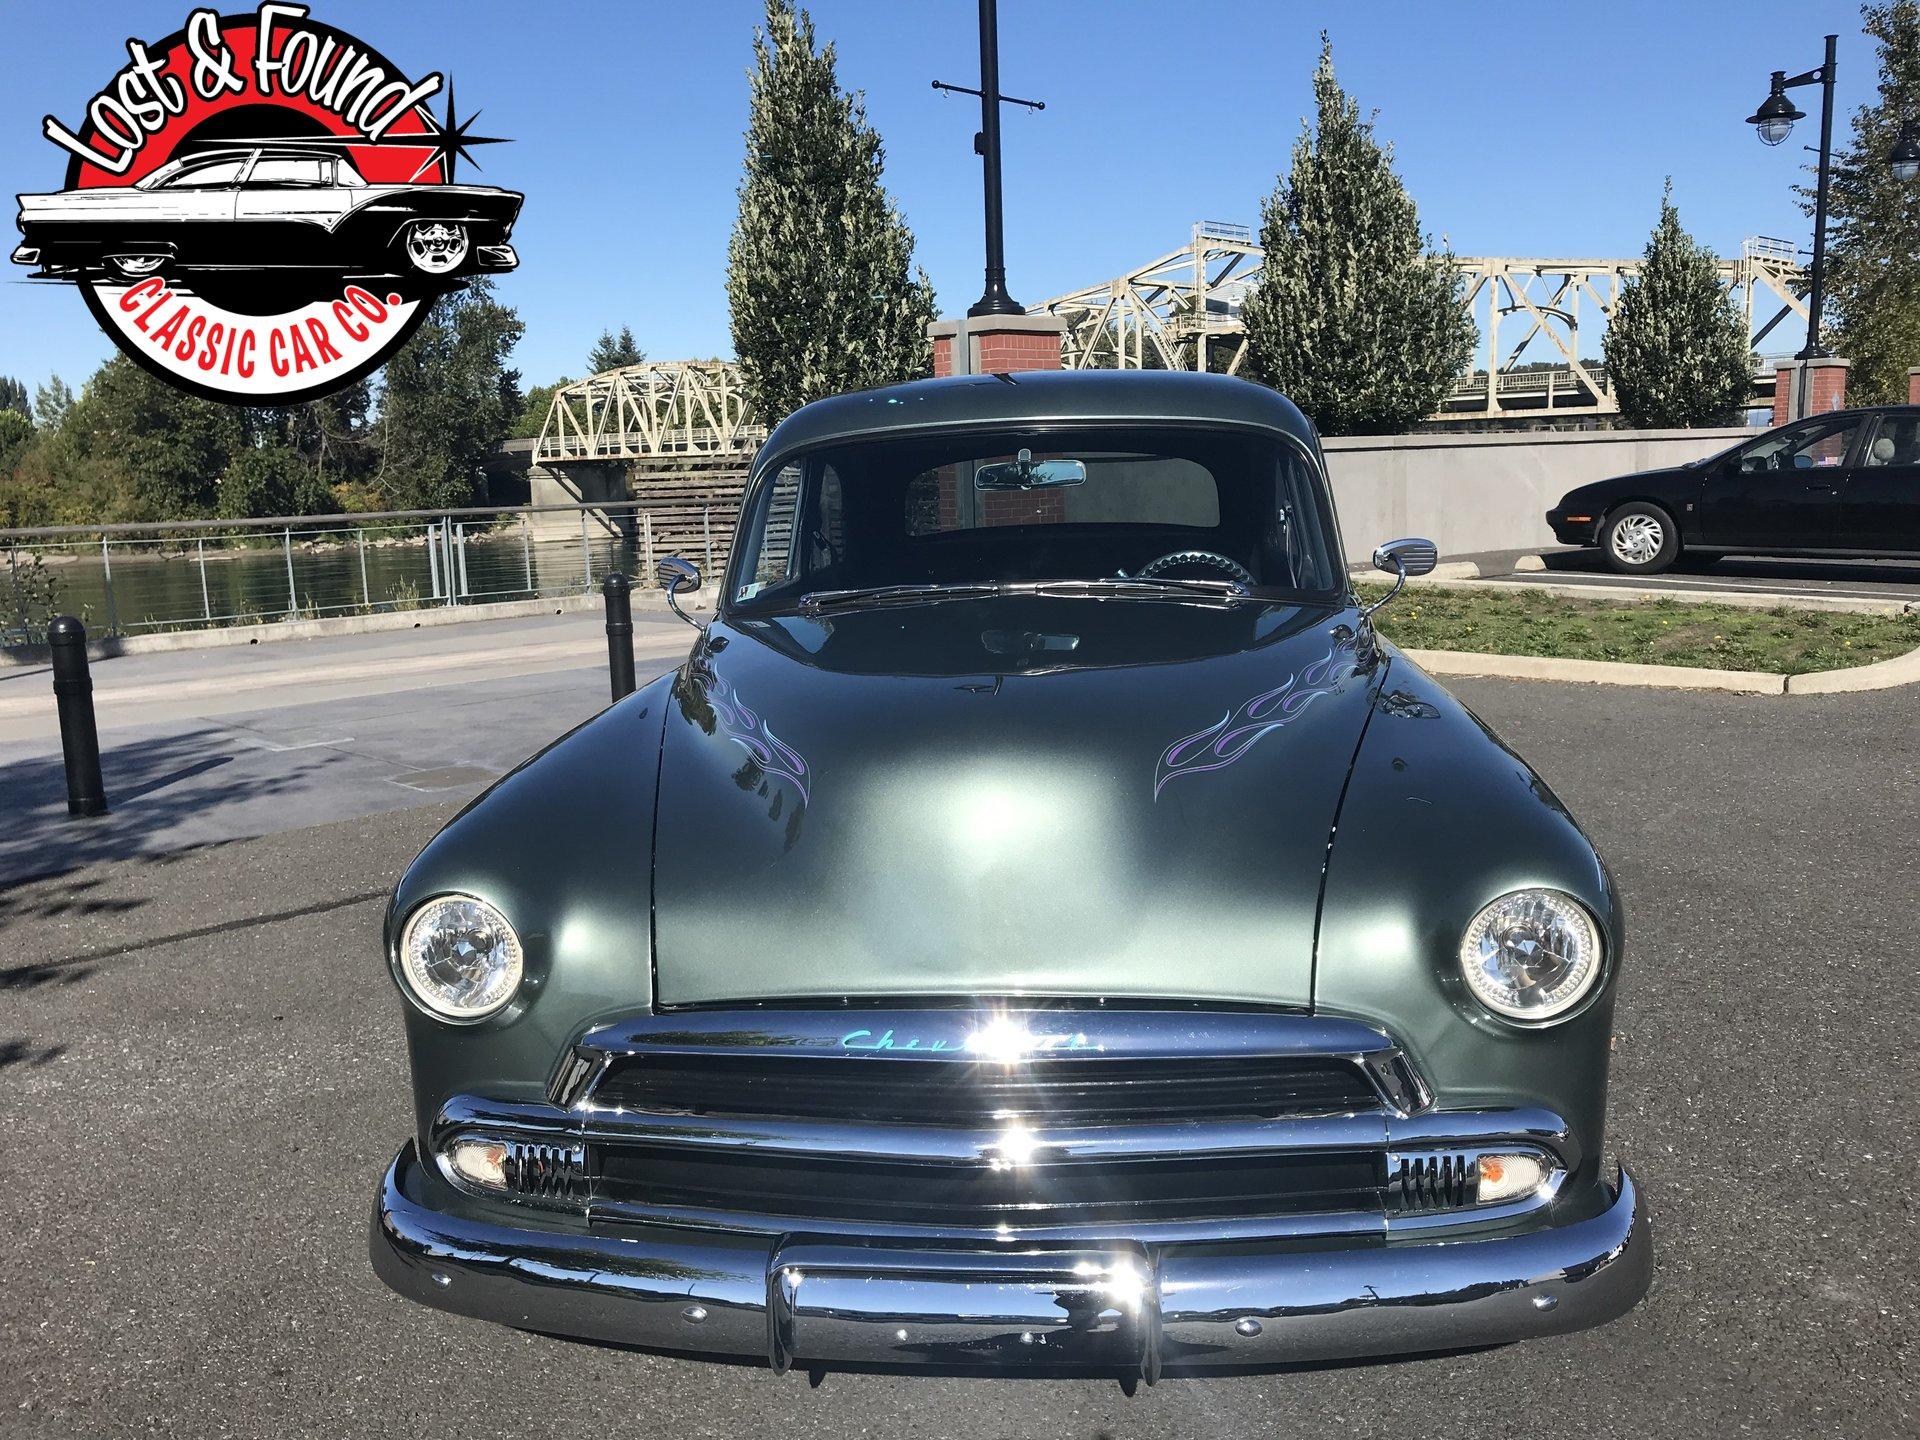 1951 Chevrolet 2 Door Sedan Street Rod Berlin Motors Hardtop For Sale